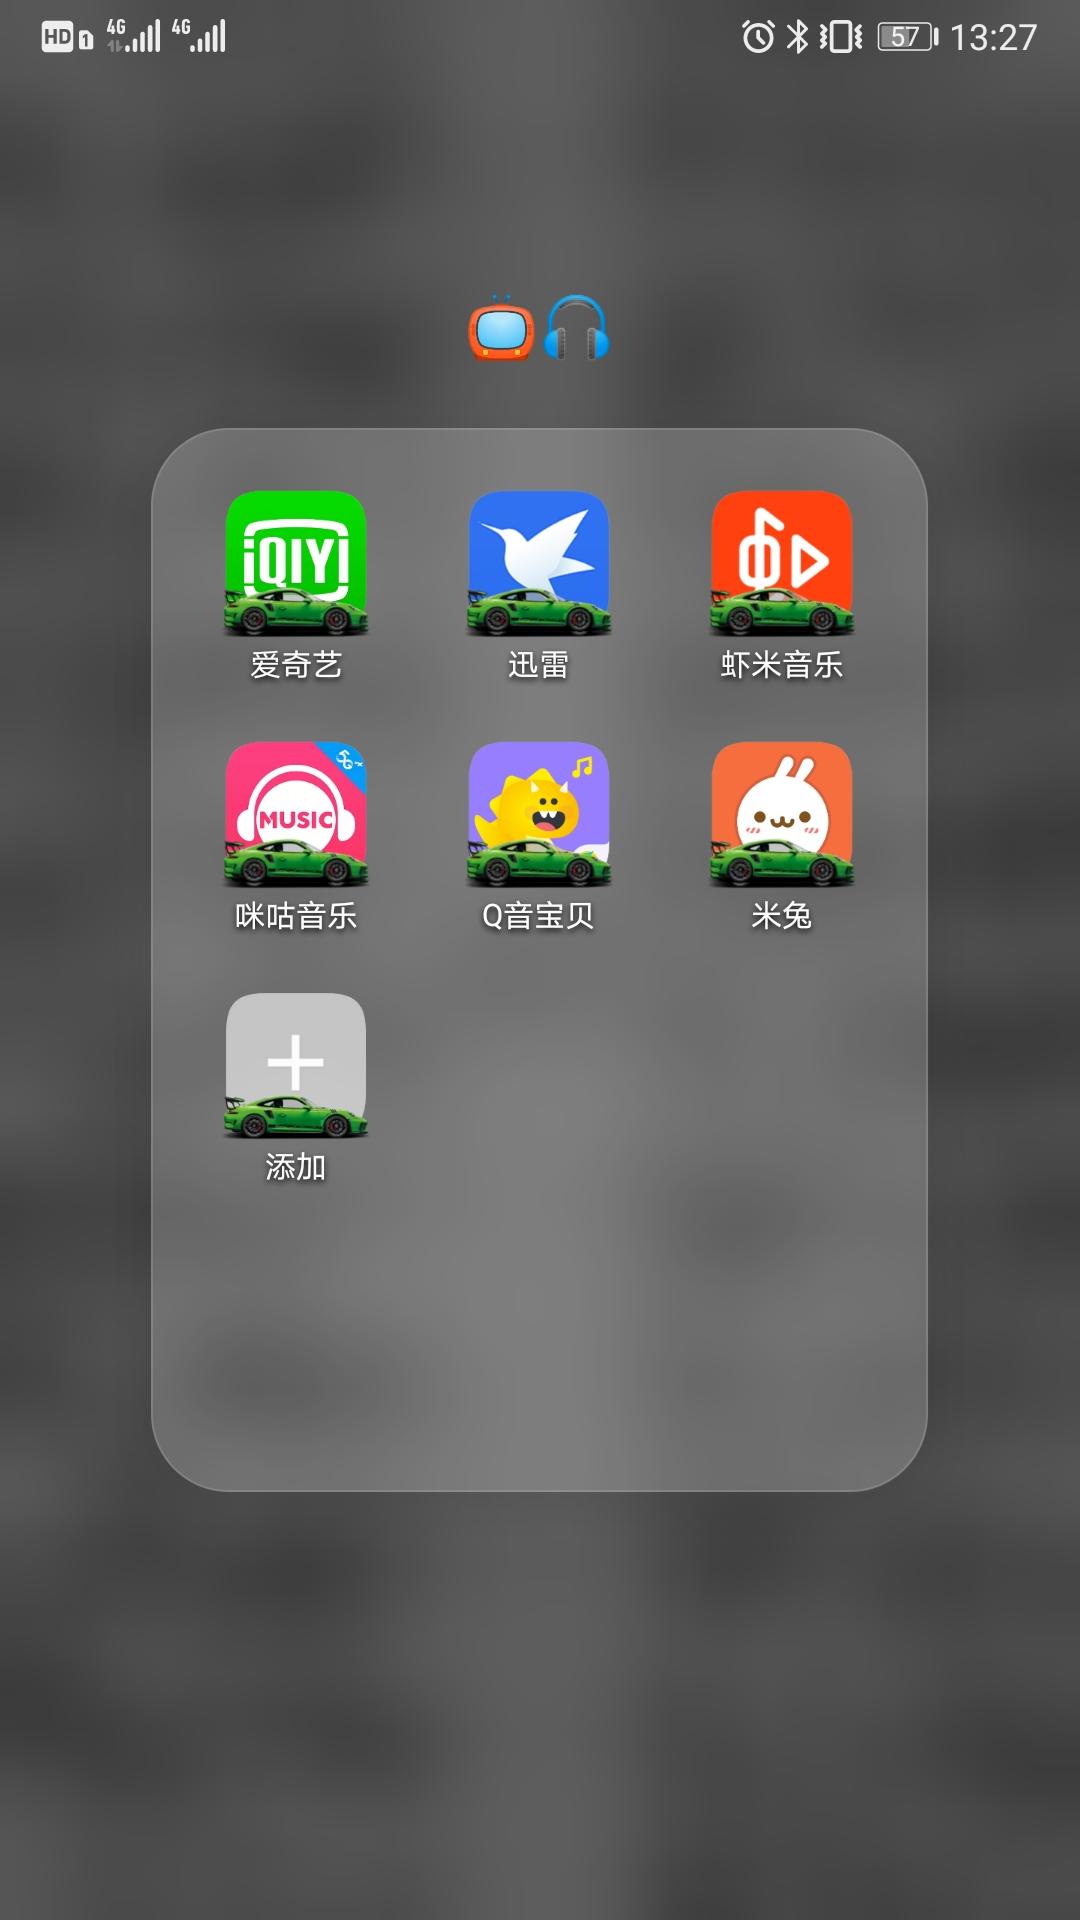 Screenshot_20200116_132722_com.huawei.android.launcher.jpg